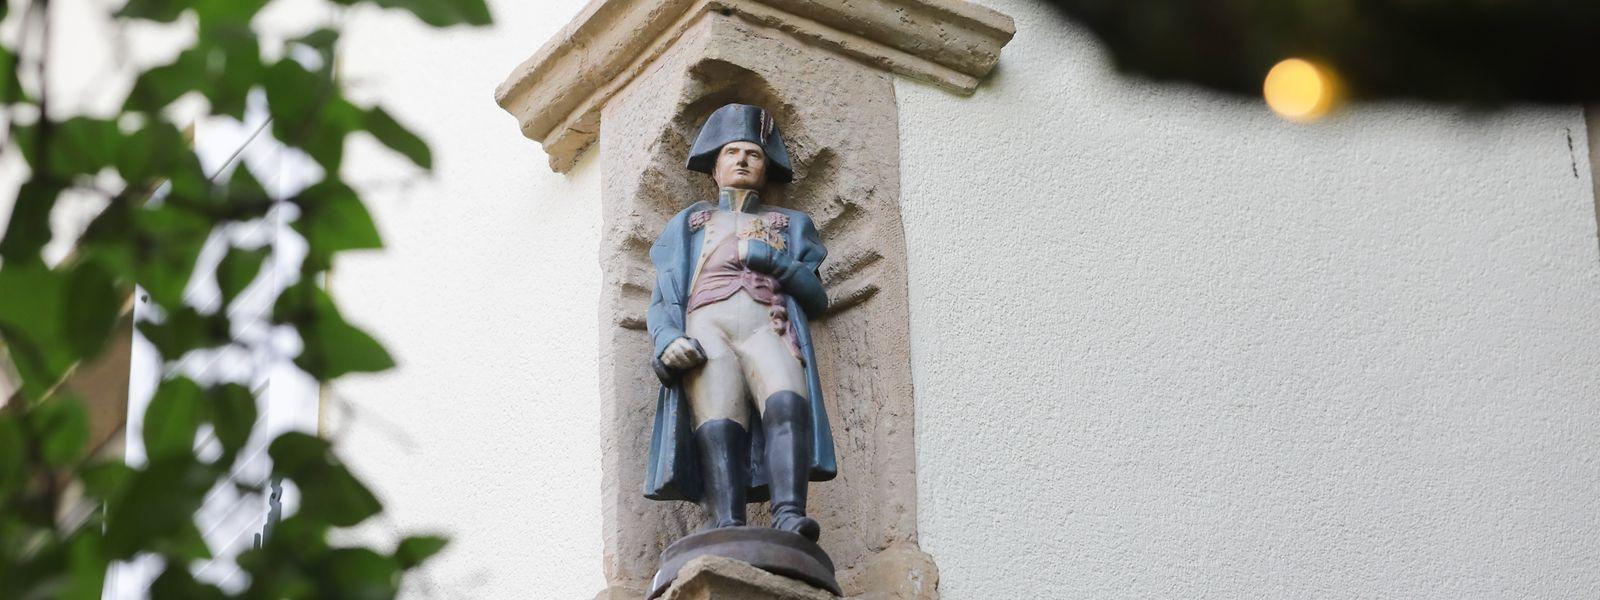 """Im Stadtgrund steht diese Napoleonstatue in einem Hinterhof im """"Biisserwee"""". Die Figur geht zurück auf zwei Soldaten, die einst am Russland-Feldzug teilgenommen und das Debakel an der Beresina überlebt haben."""